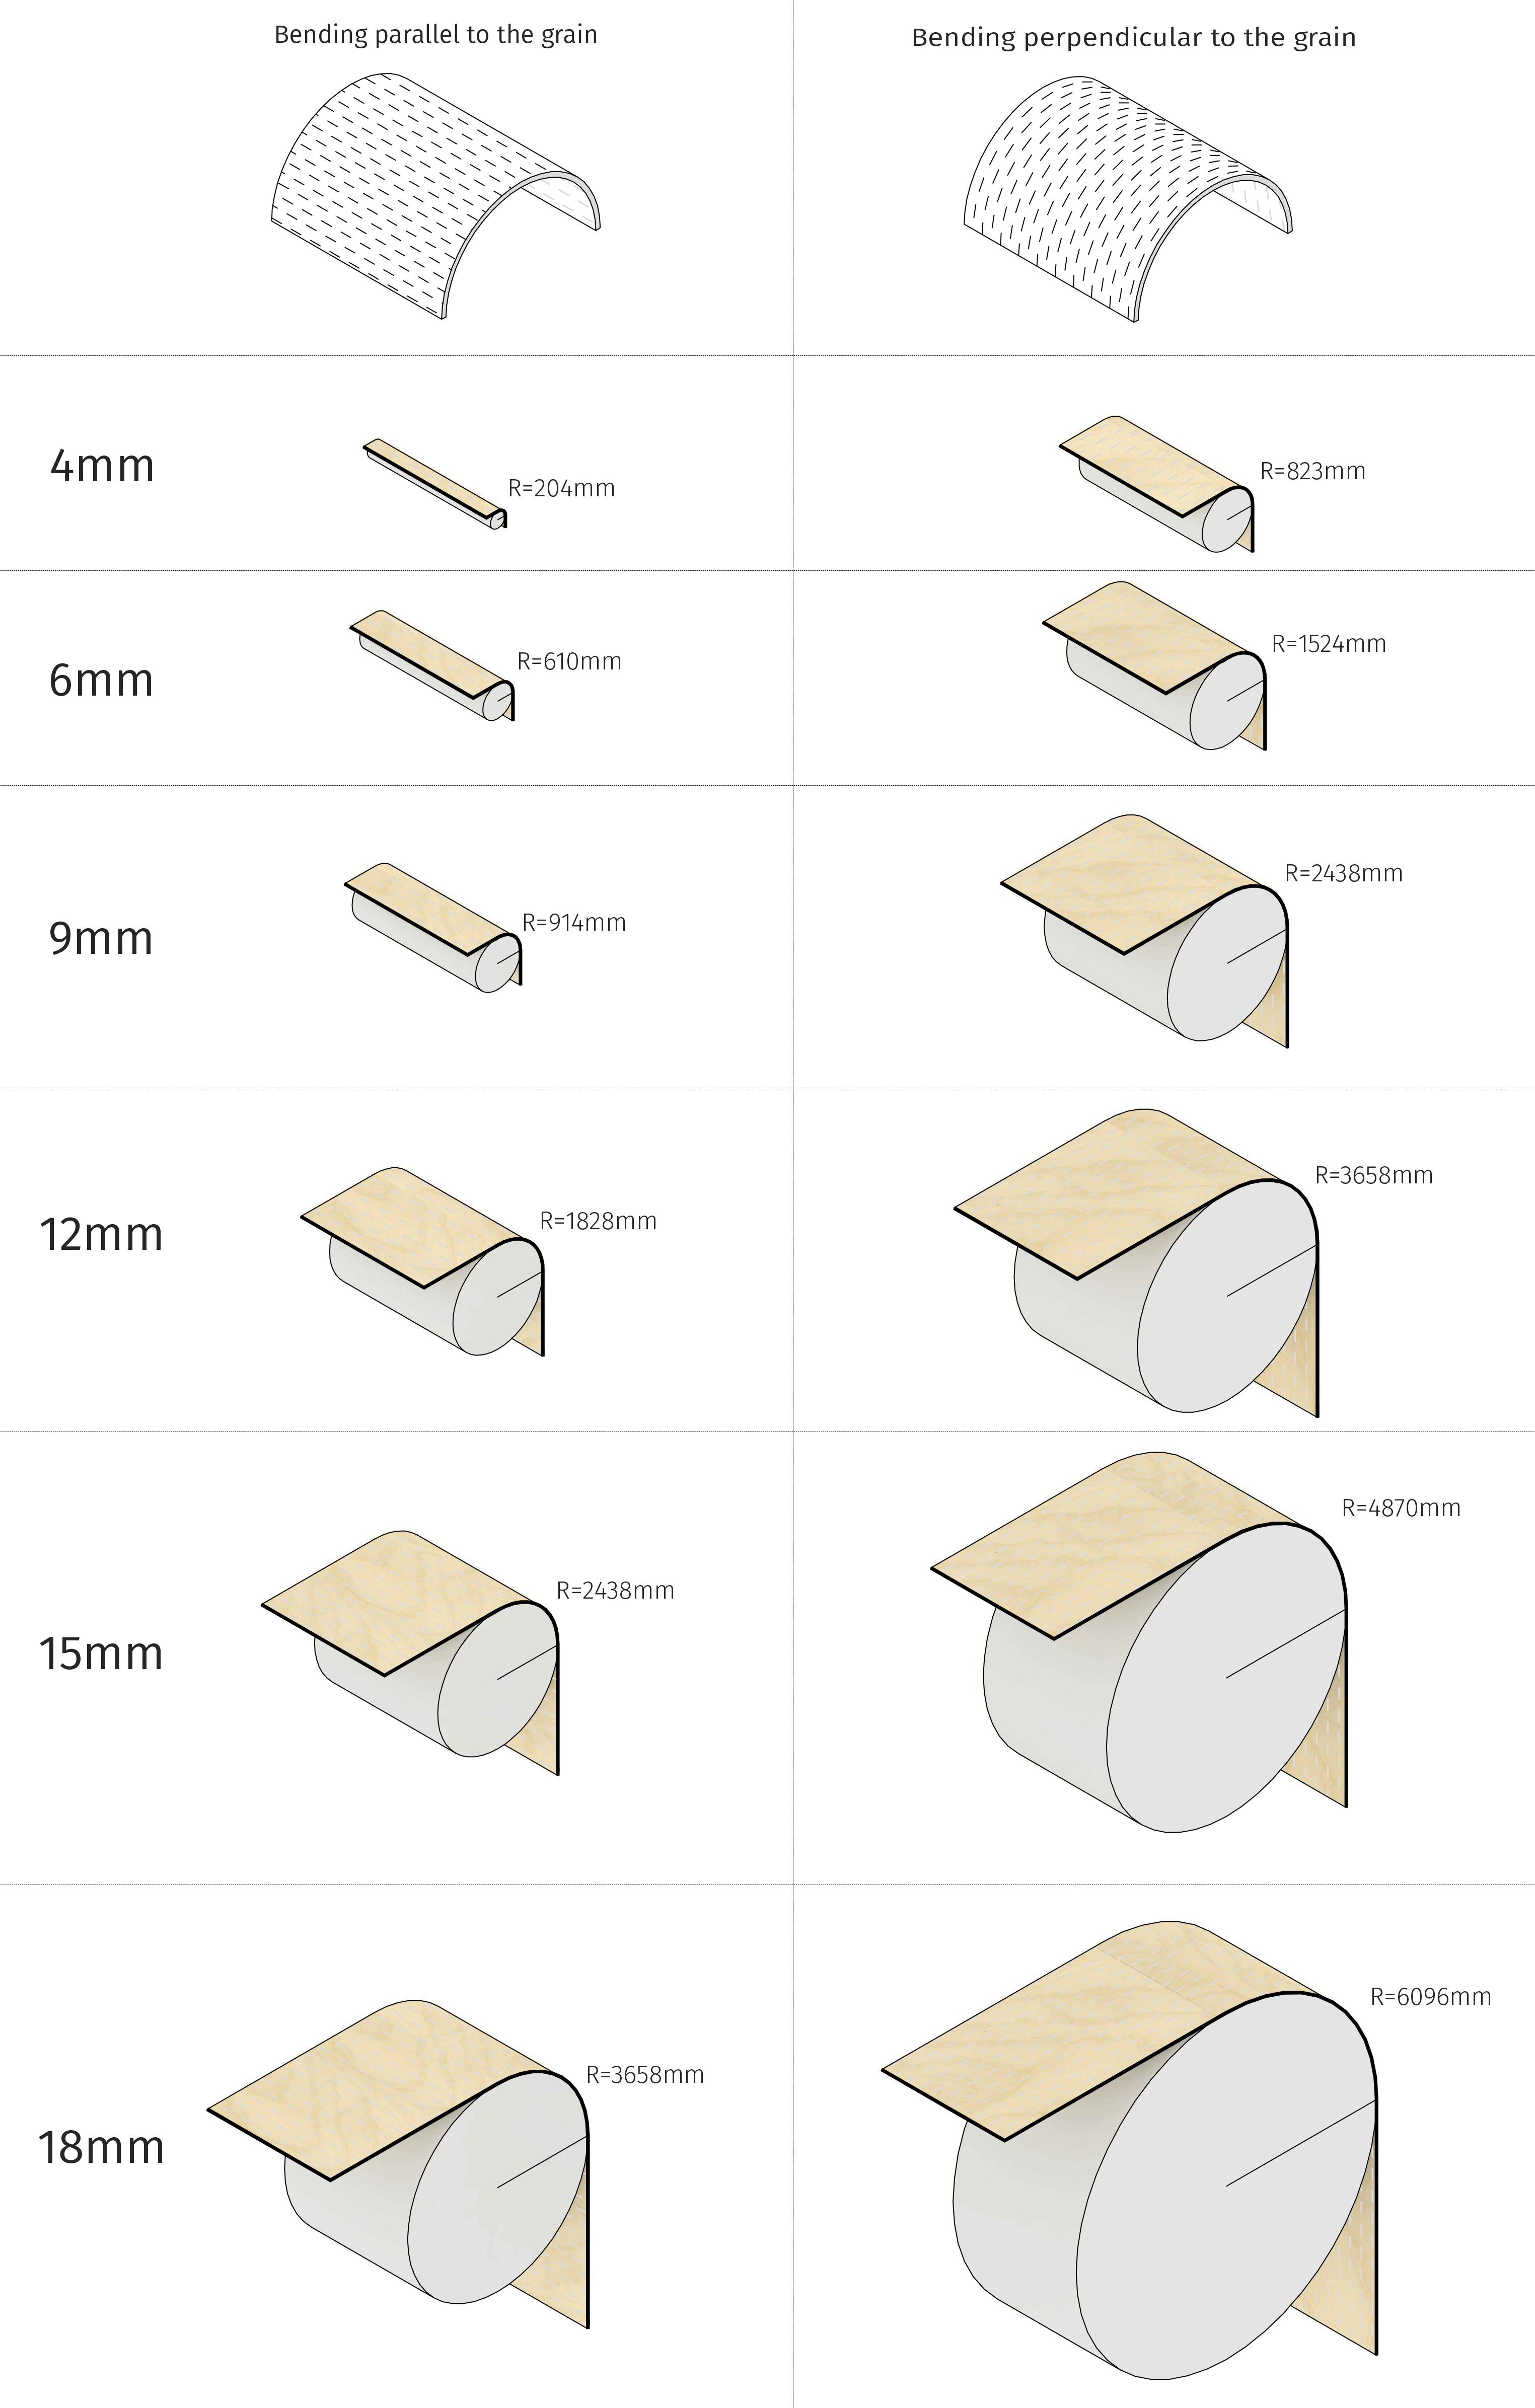 bending radius